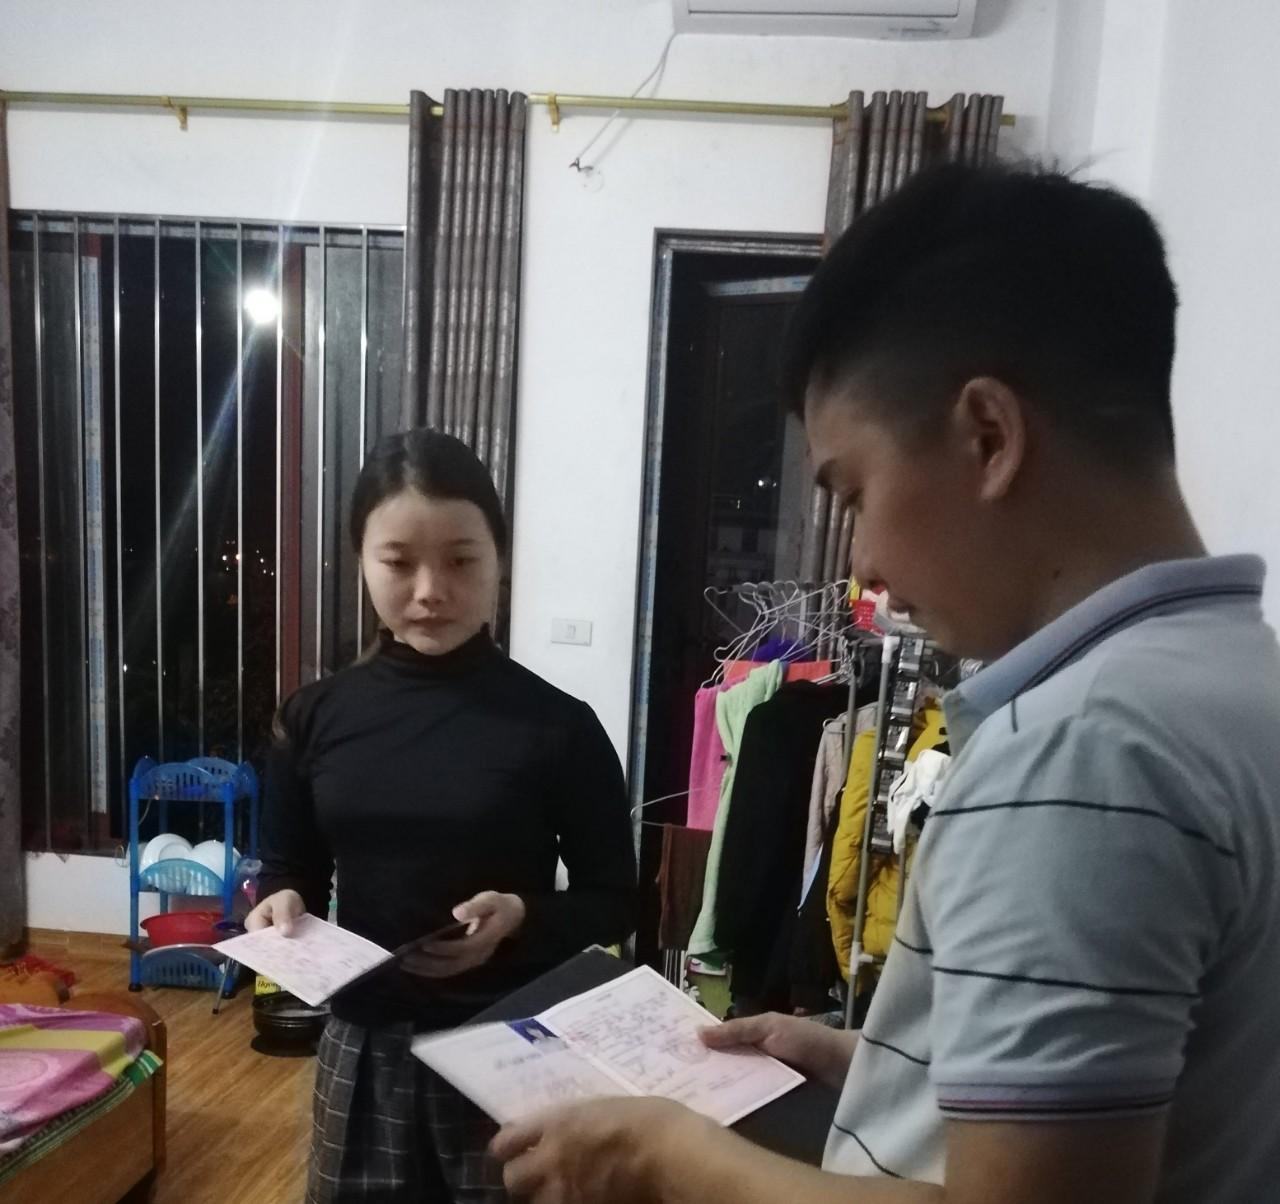 Tăng cường công tác kiểm tra sinh viên ngoại trú trước Tết Nguyên đán